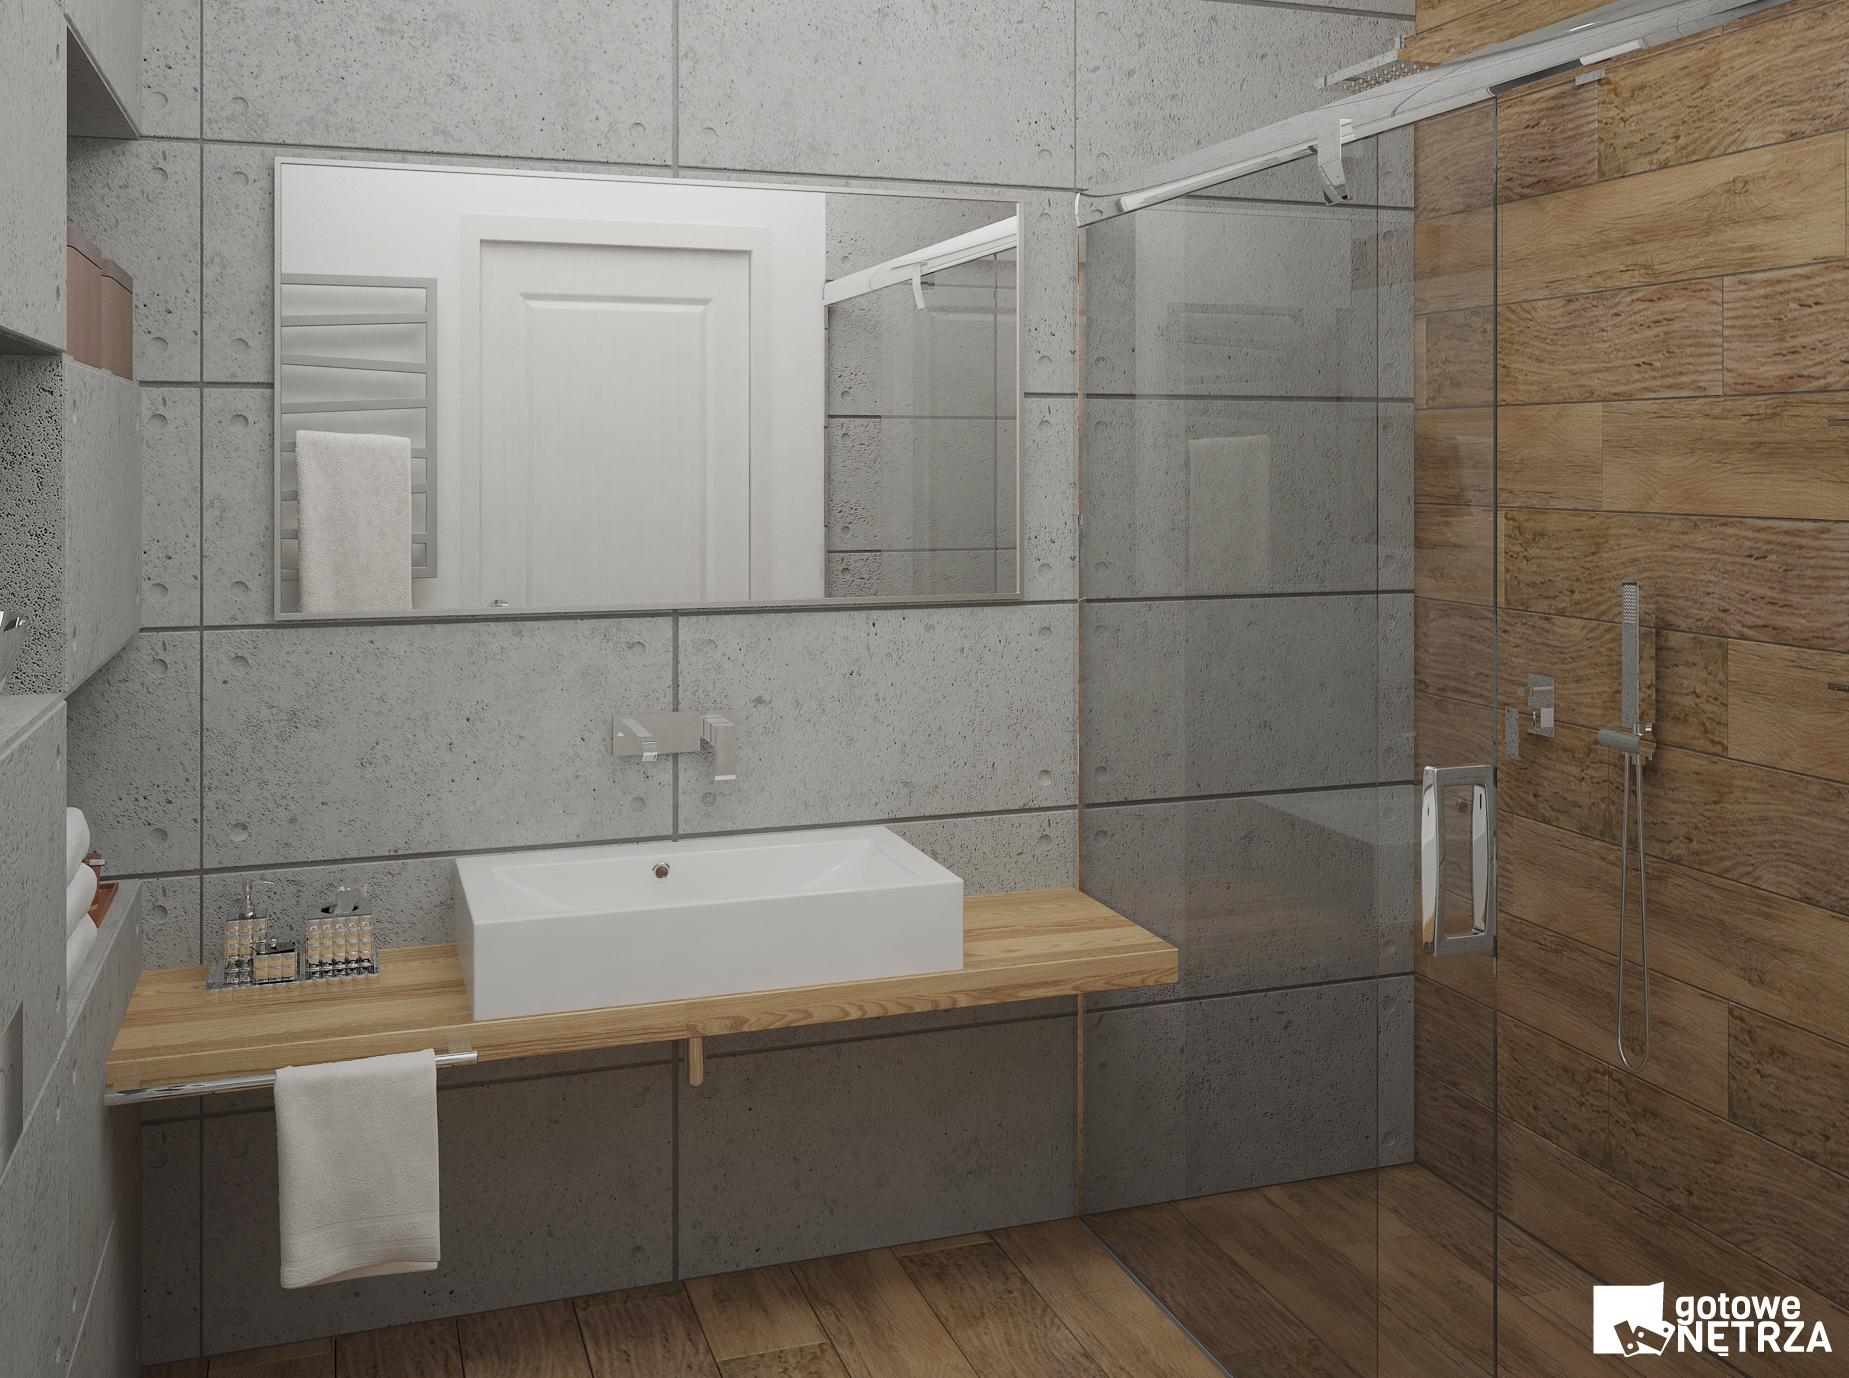 Łazienka z betonu architektonicznego z projektem gratis  Gotowe Wnętrza